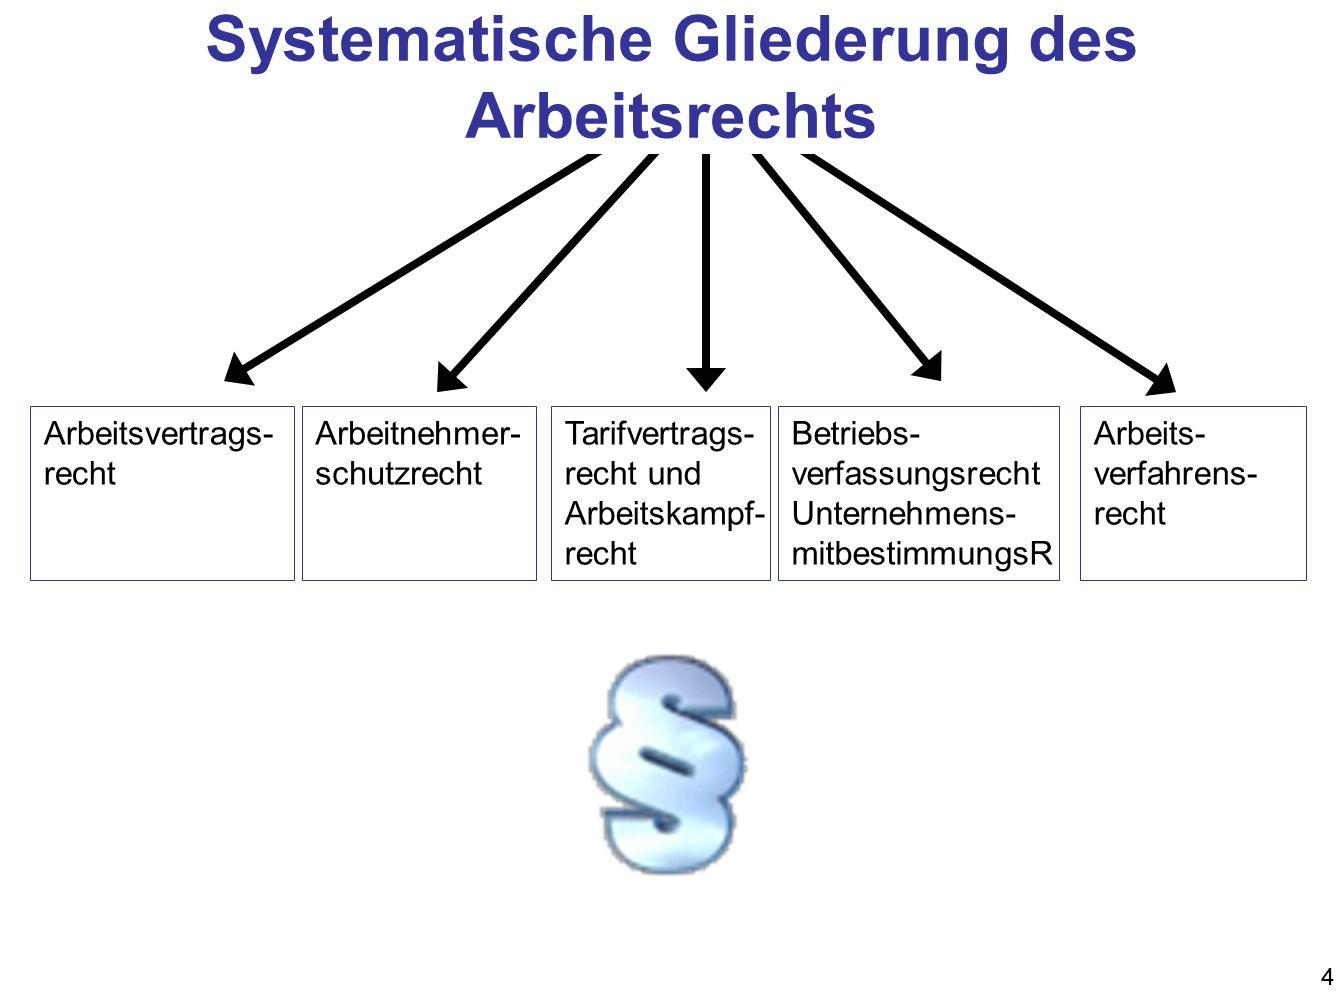 Systematische Gliederung des Arbeitsrechts